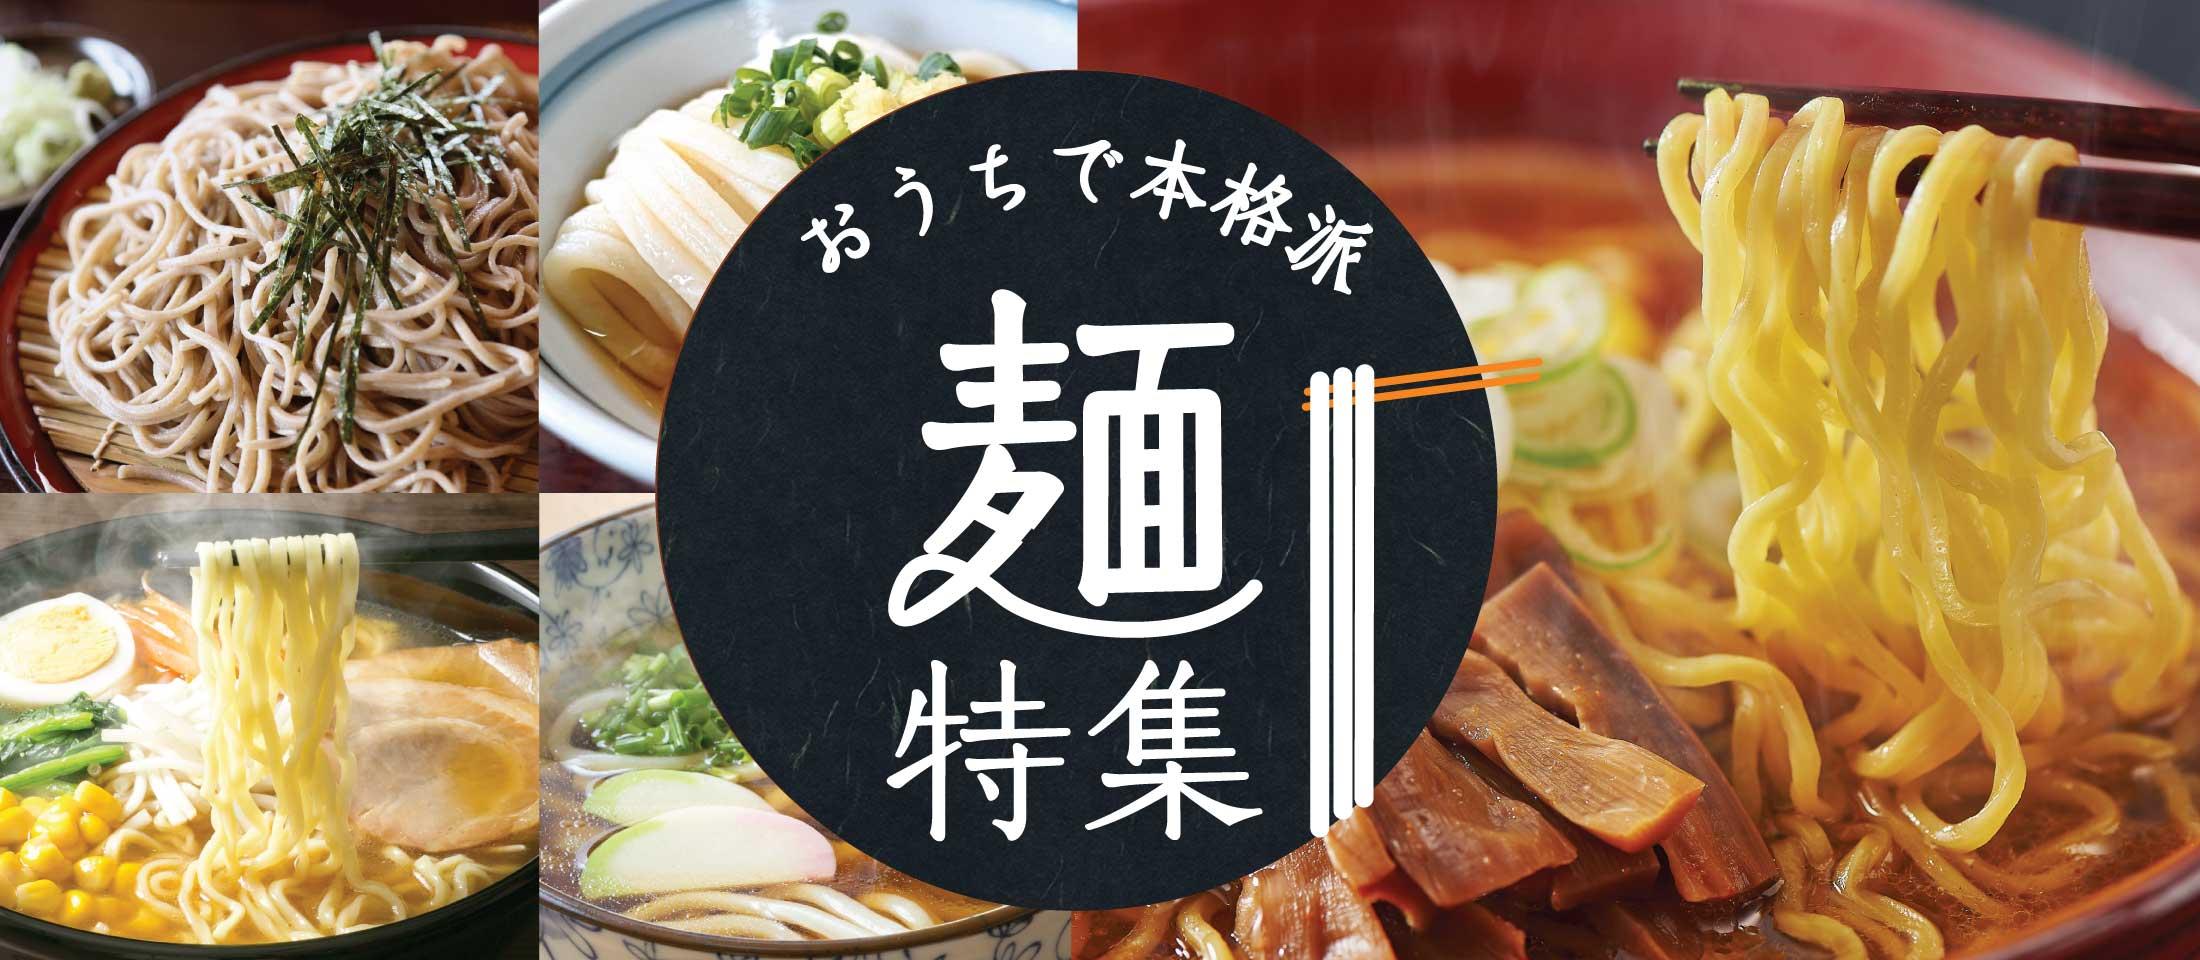 本格麺がいつでもお手軽!冷凍麺特集11選 業務用食品・冷凍食品おすすめ 業務用食品・冷凍食品の通販 |ナカヤマフーズ